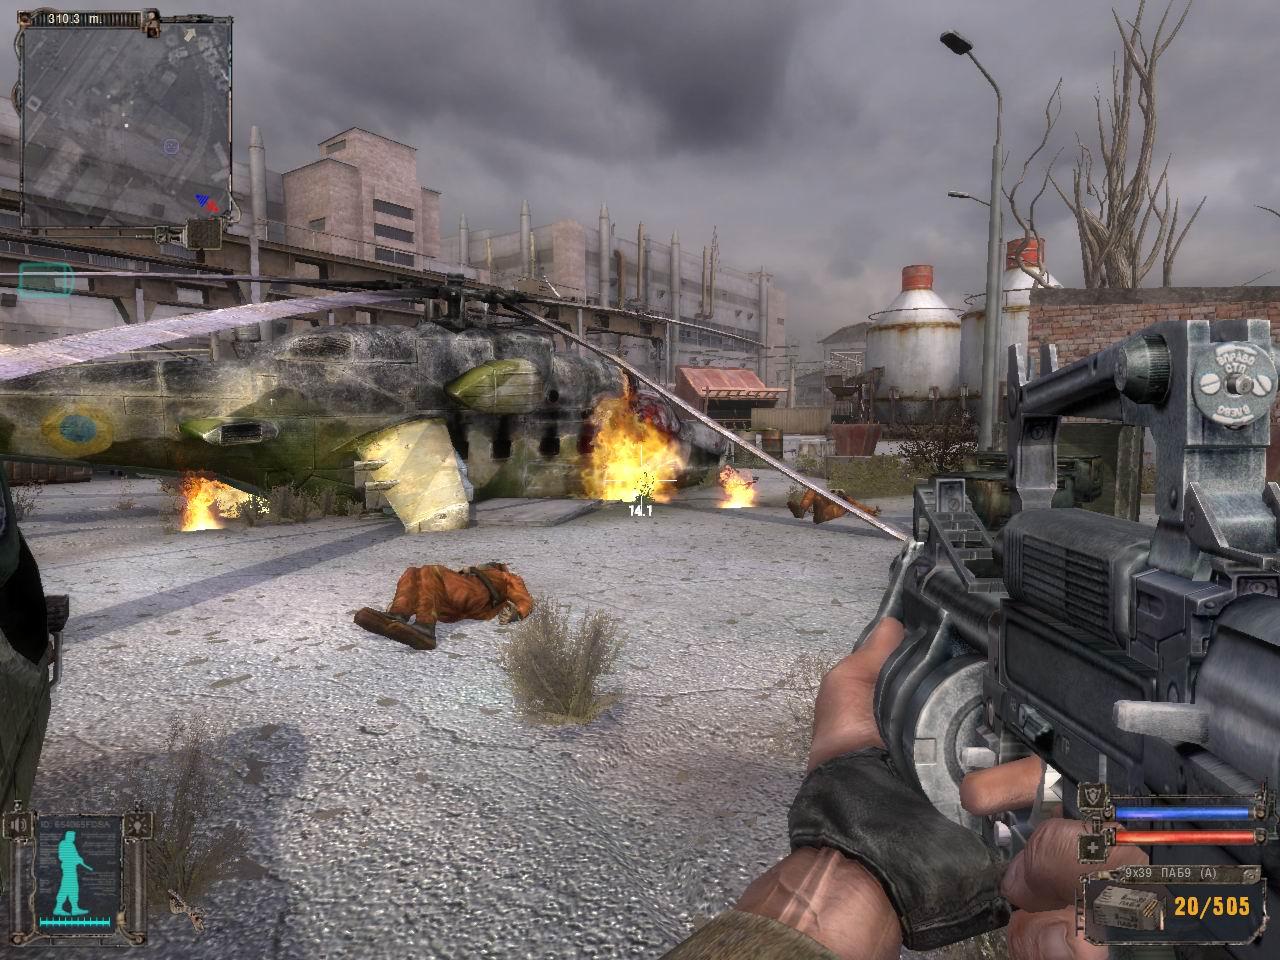 2007 год в компьютерных играх - Изображение 1